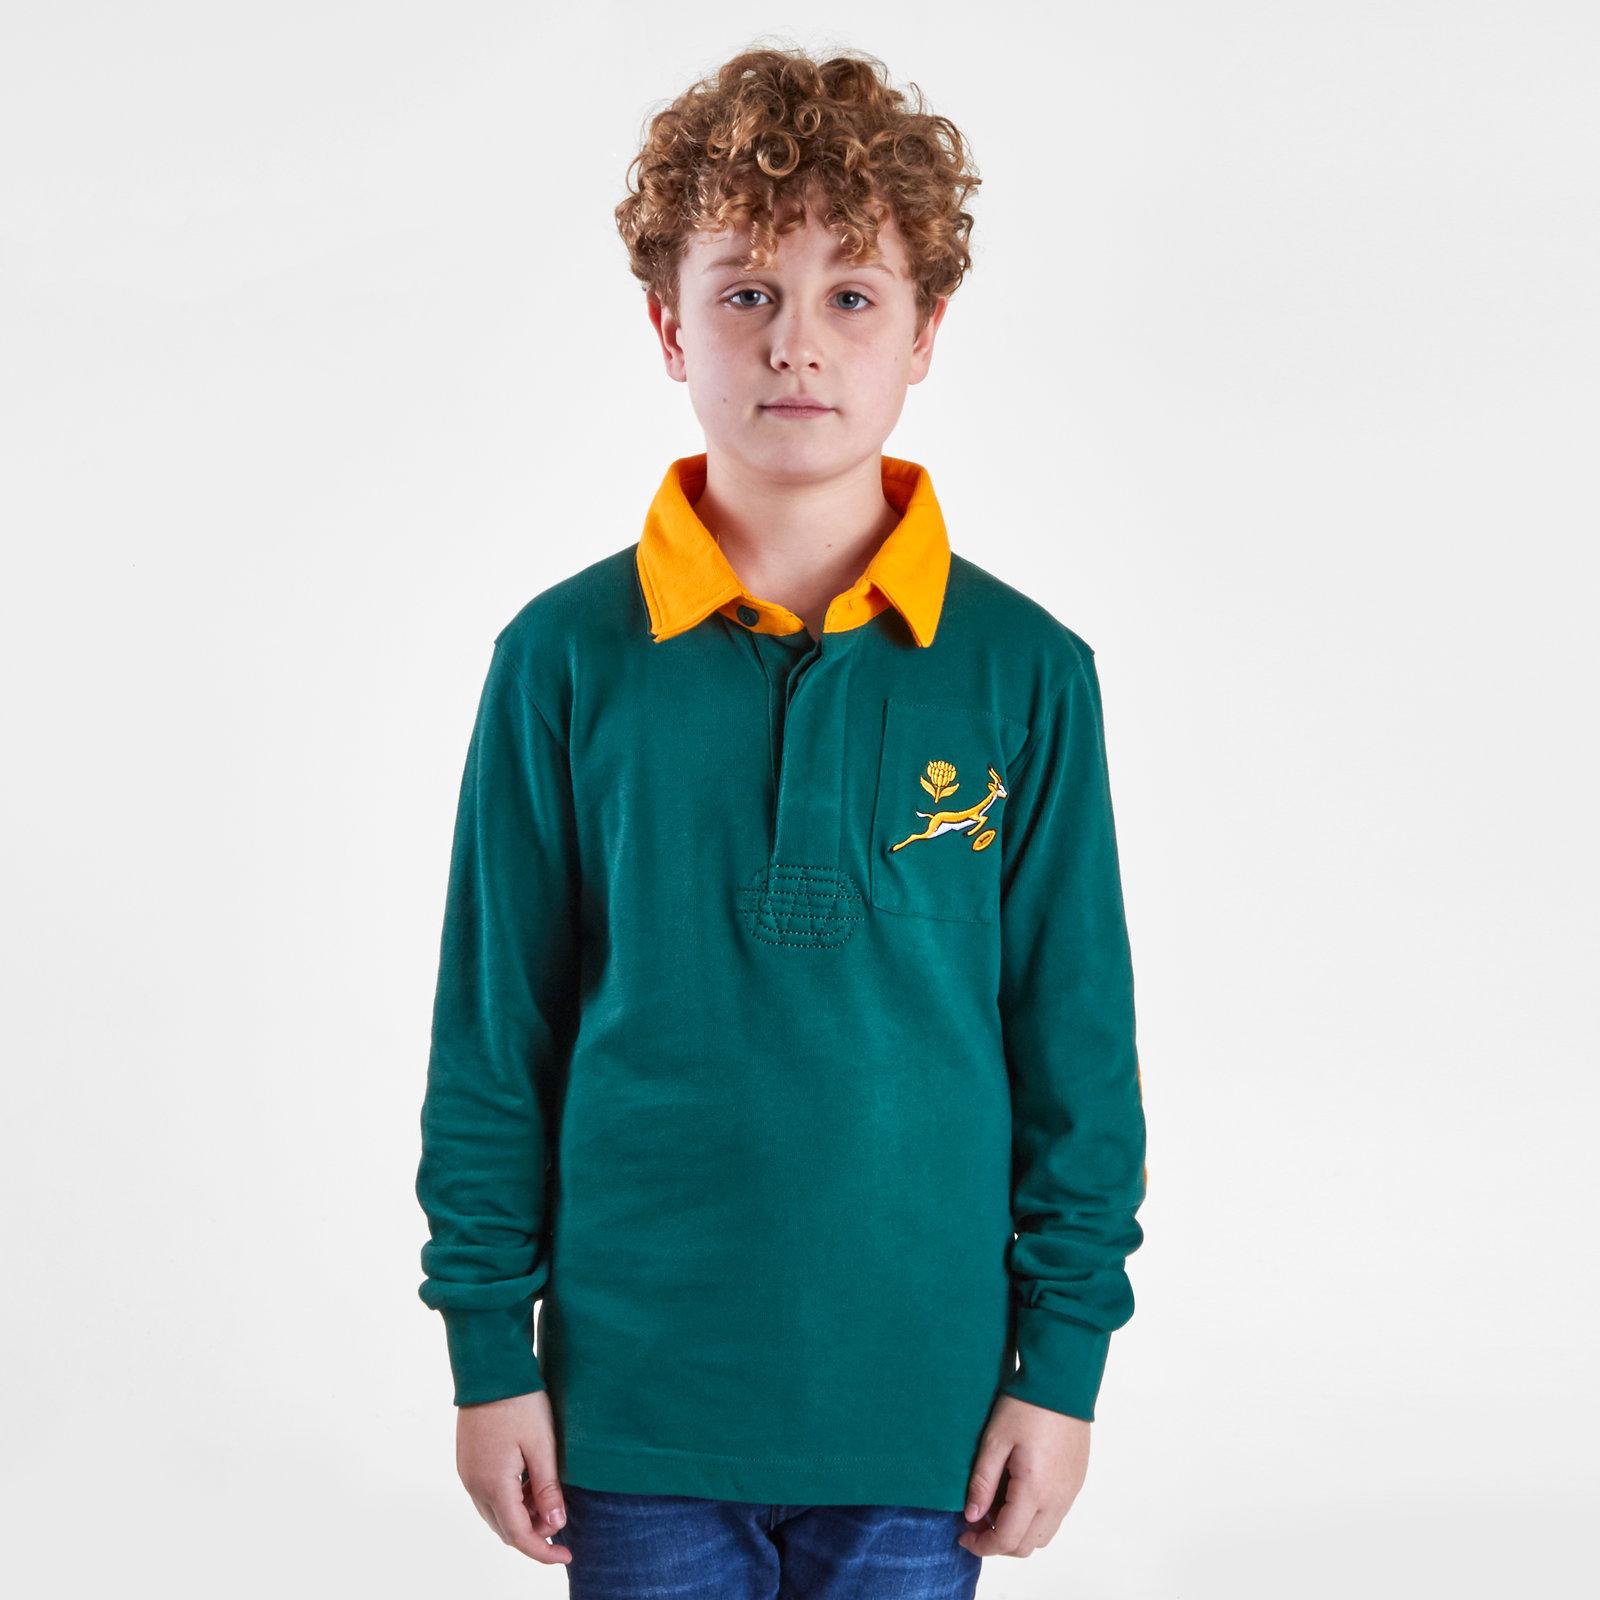 Retro South Africa Shirt